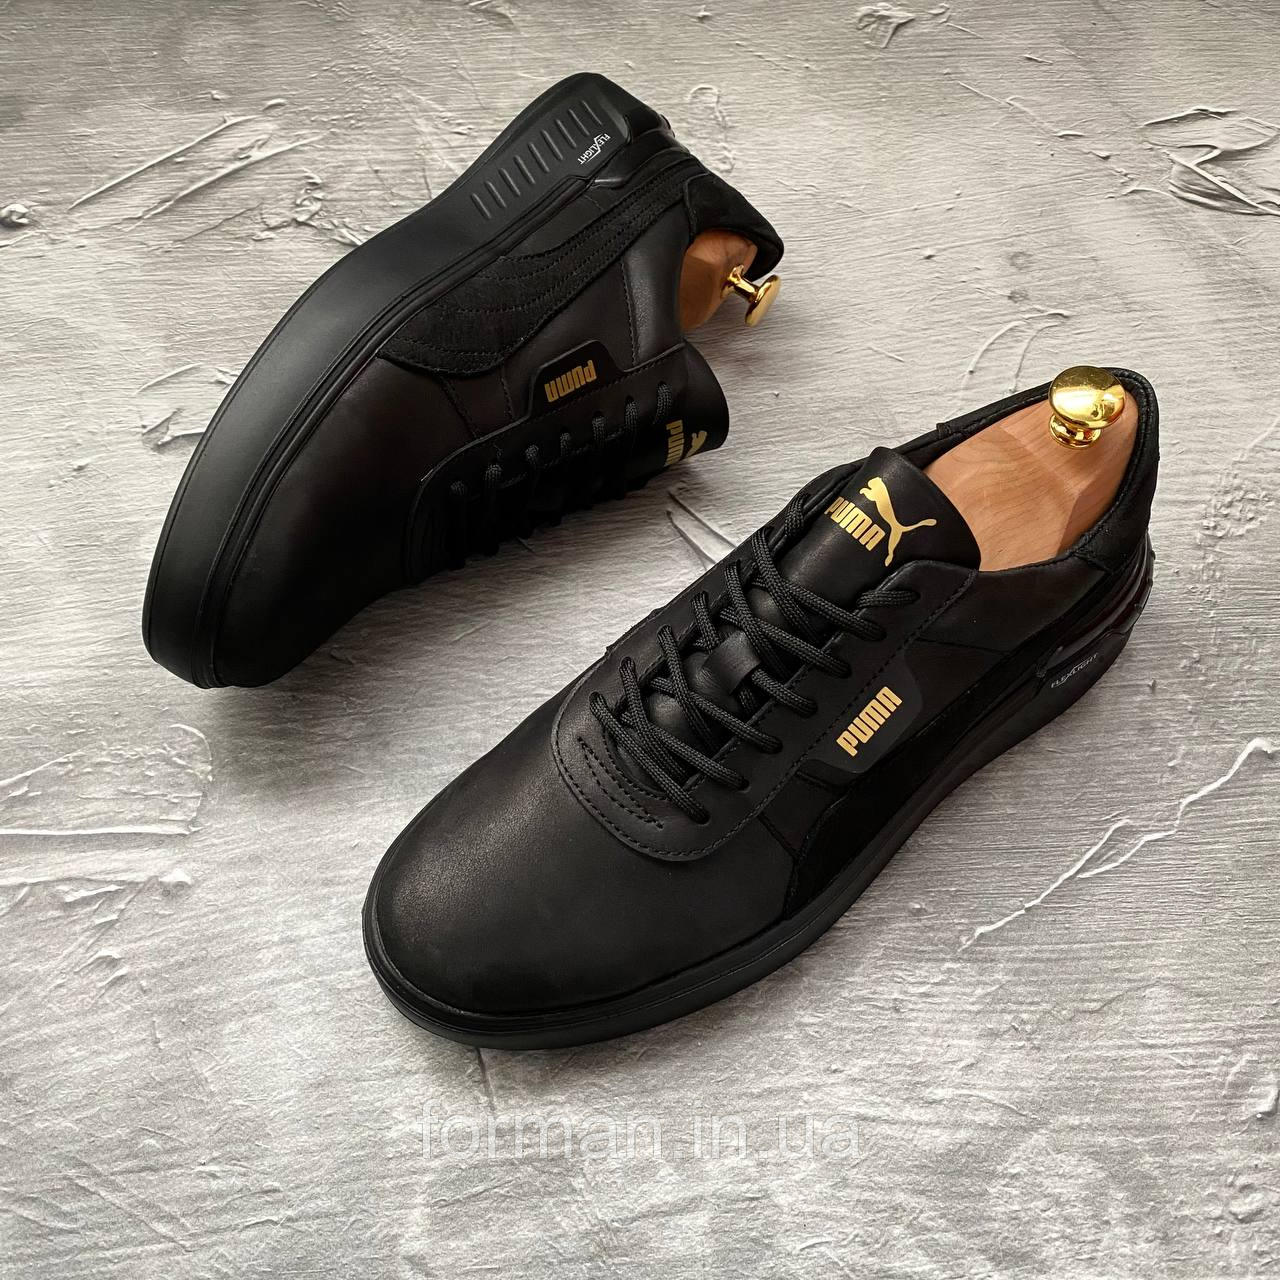 Чоловічі шкіряні кросівки Puma, чорні